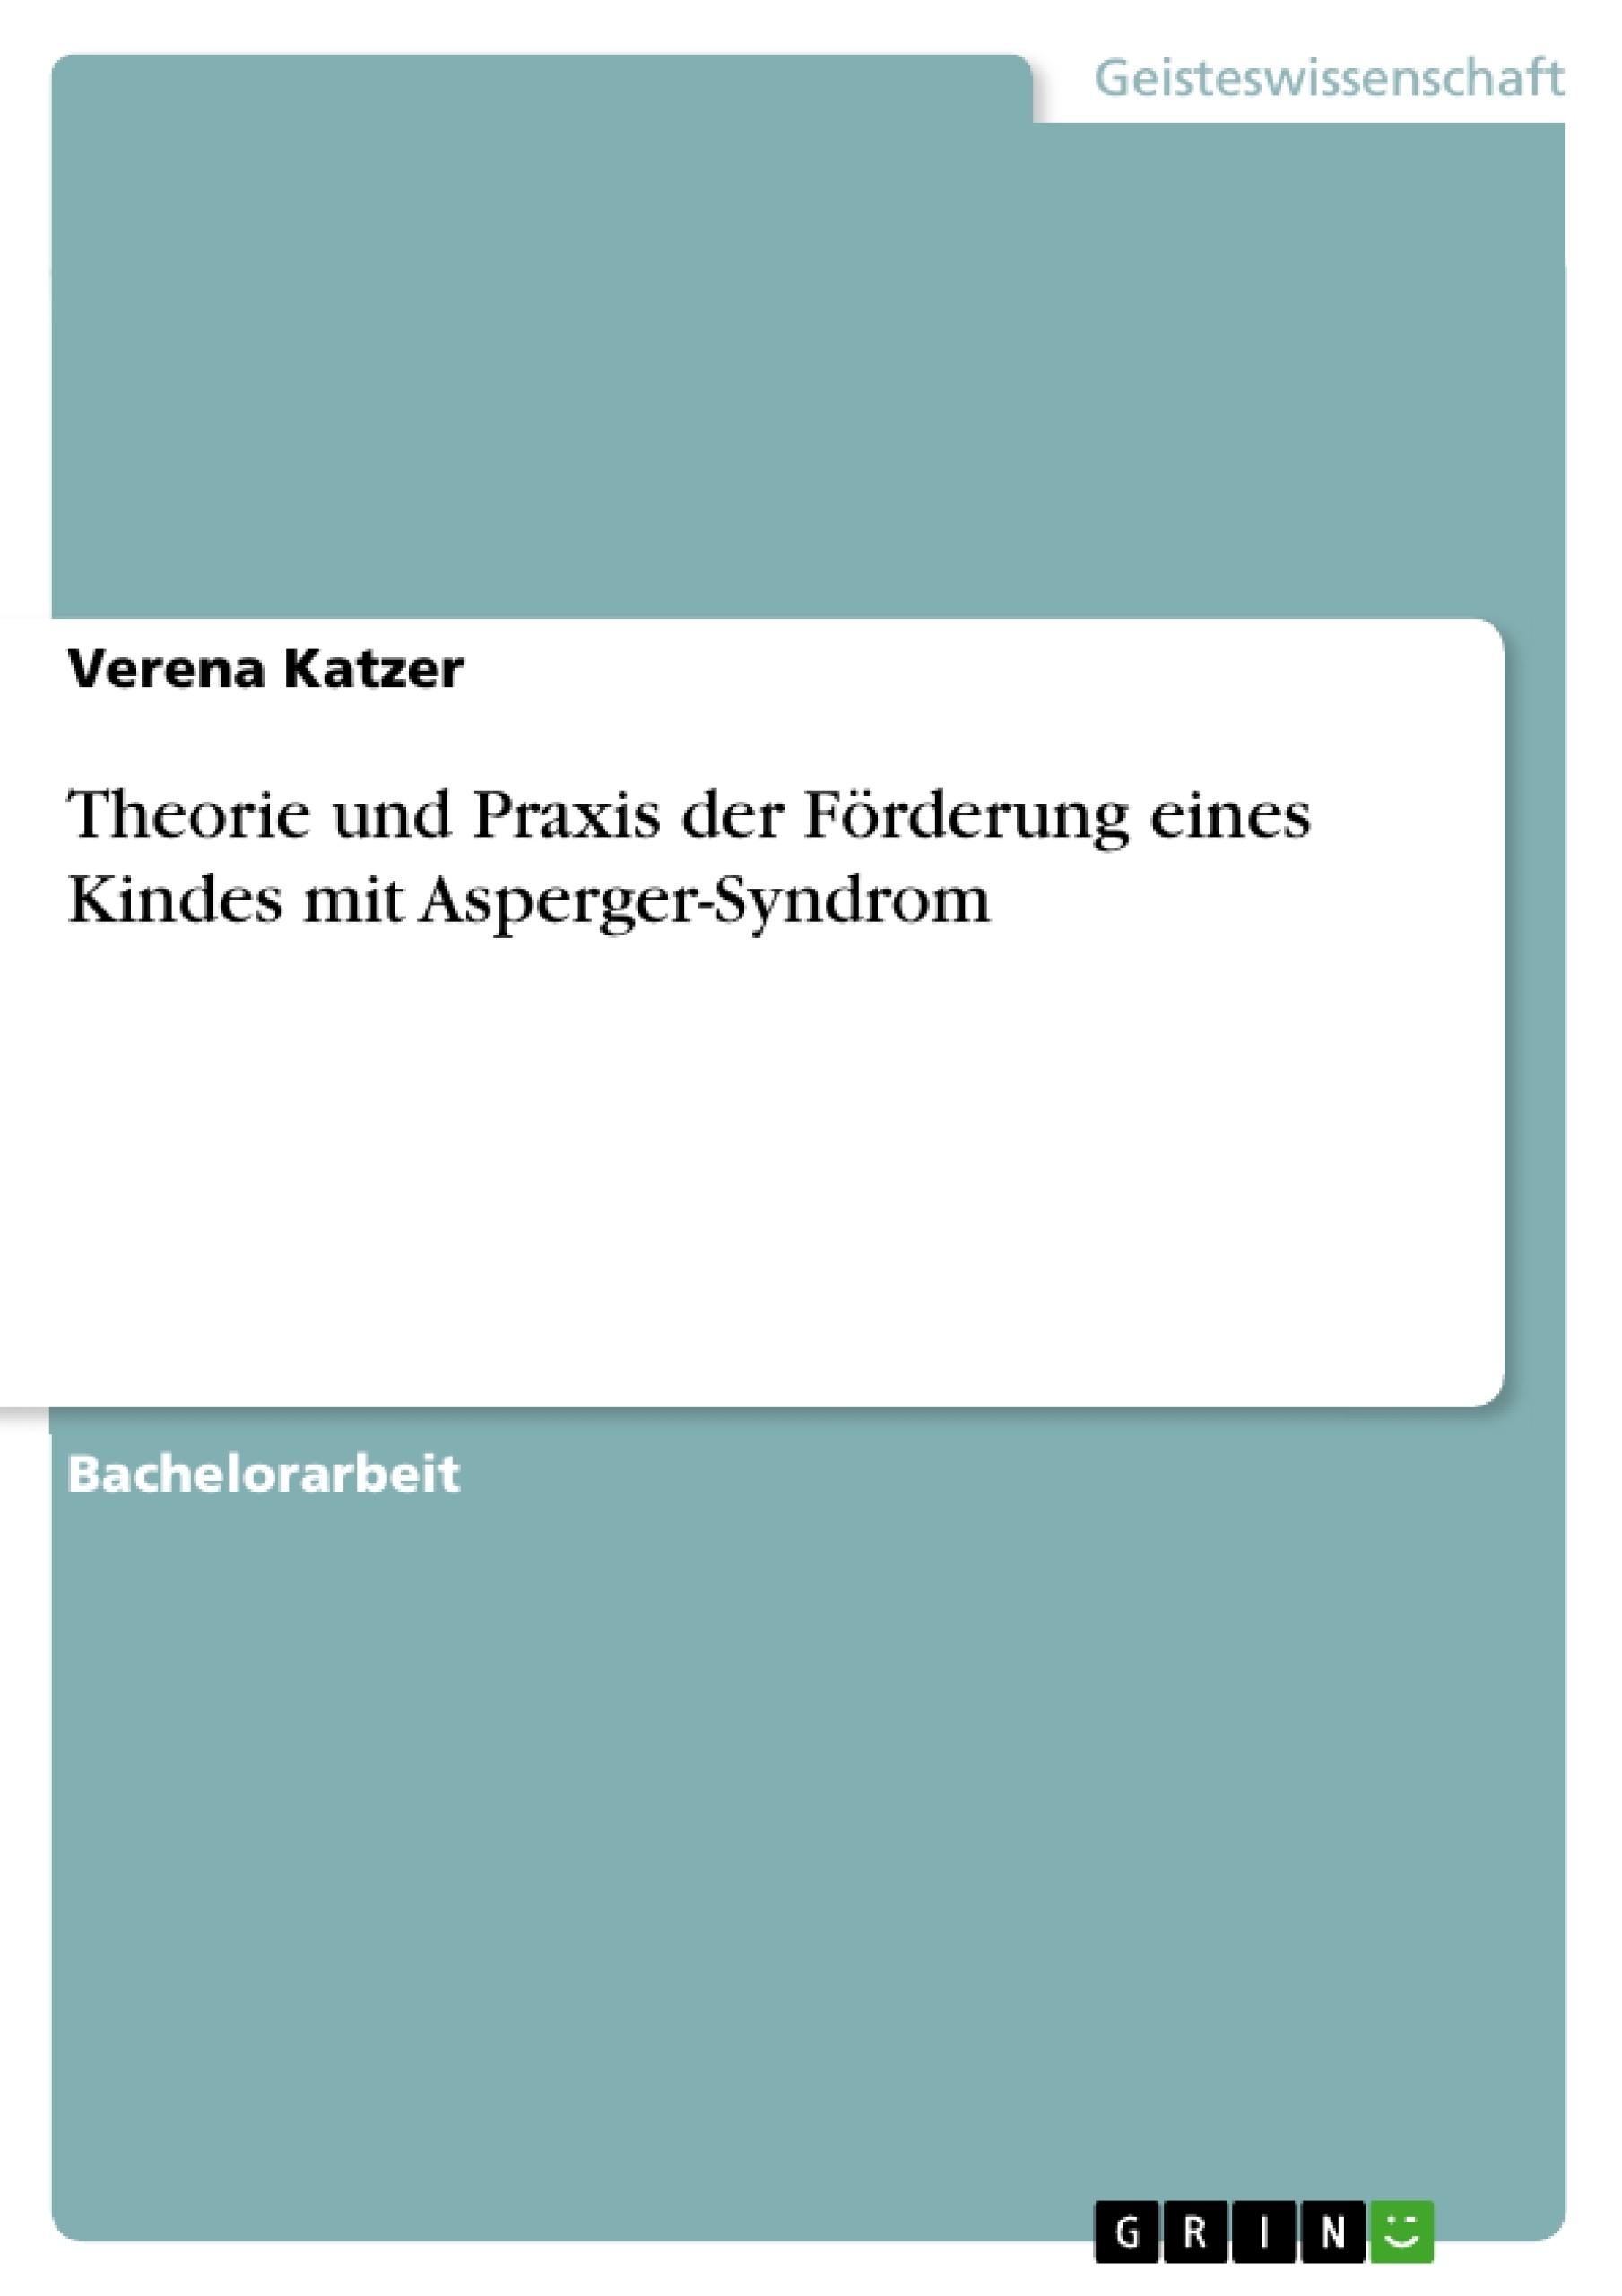 Titel: Theorie und Praxis der Förderung eines Kindes mit Asperger-Syndrom